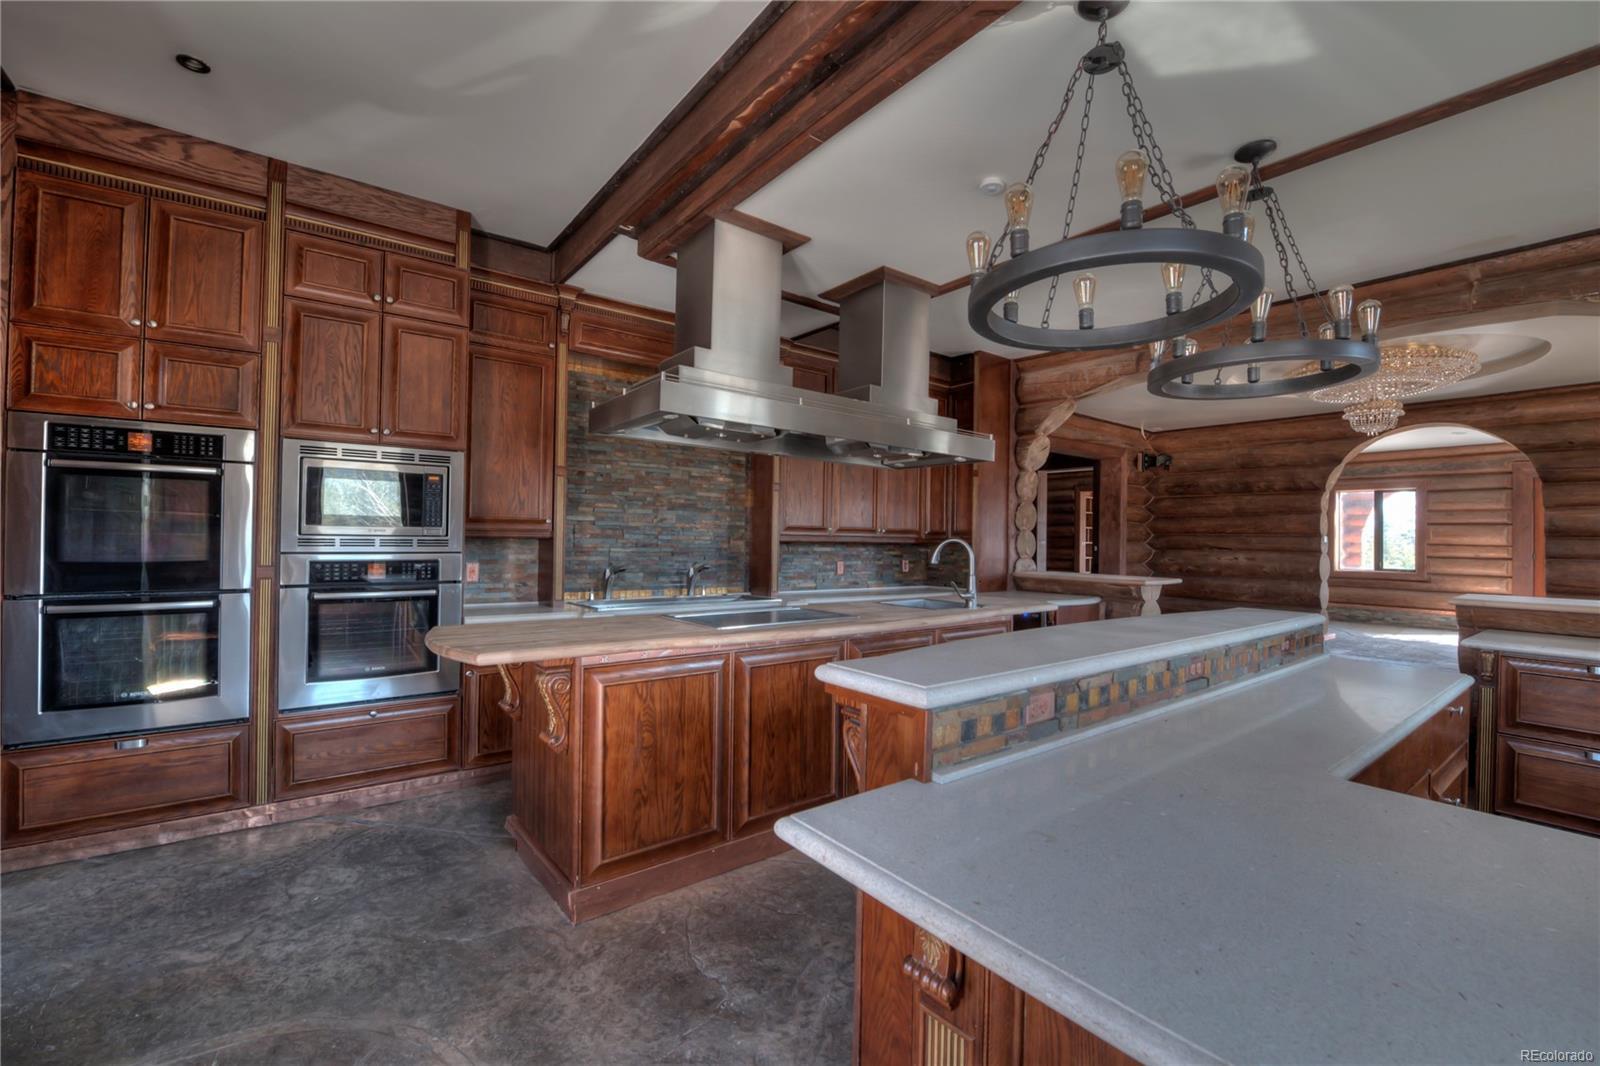 119 County Road 5194, Fraser, CO 80442 - Fraser, CO real estate listing